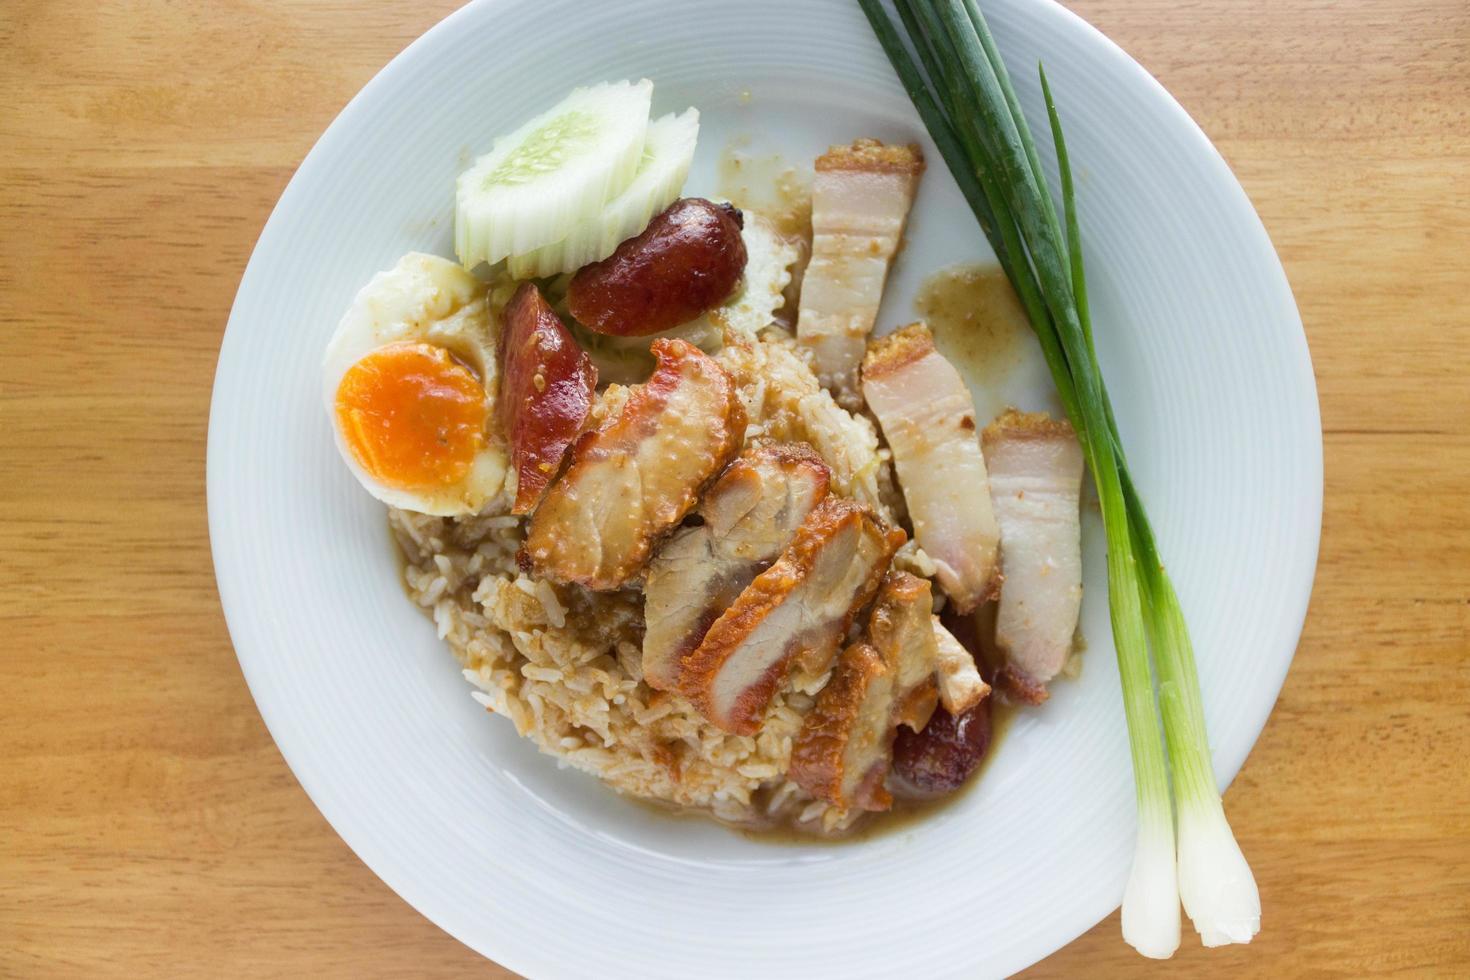 Porc grillé et œuf à la coque avec du riz et des légumes sur une plaque blanche sur la table photo